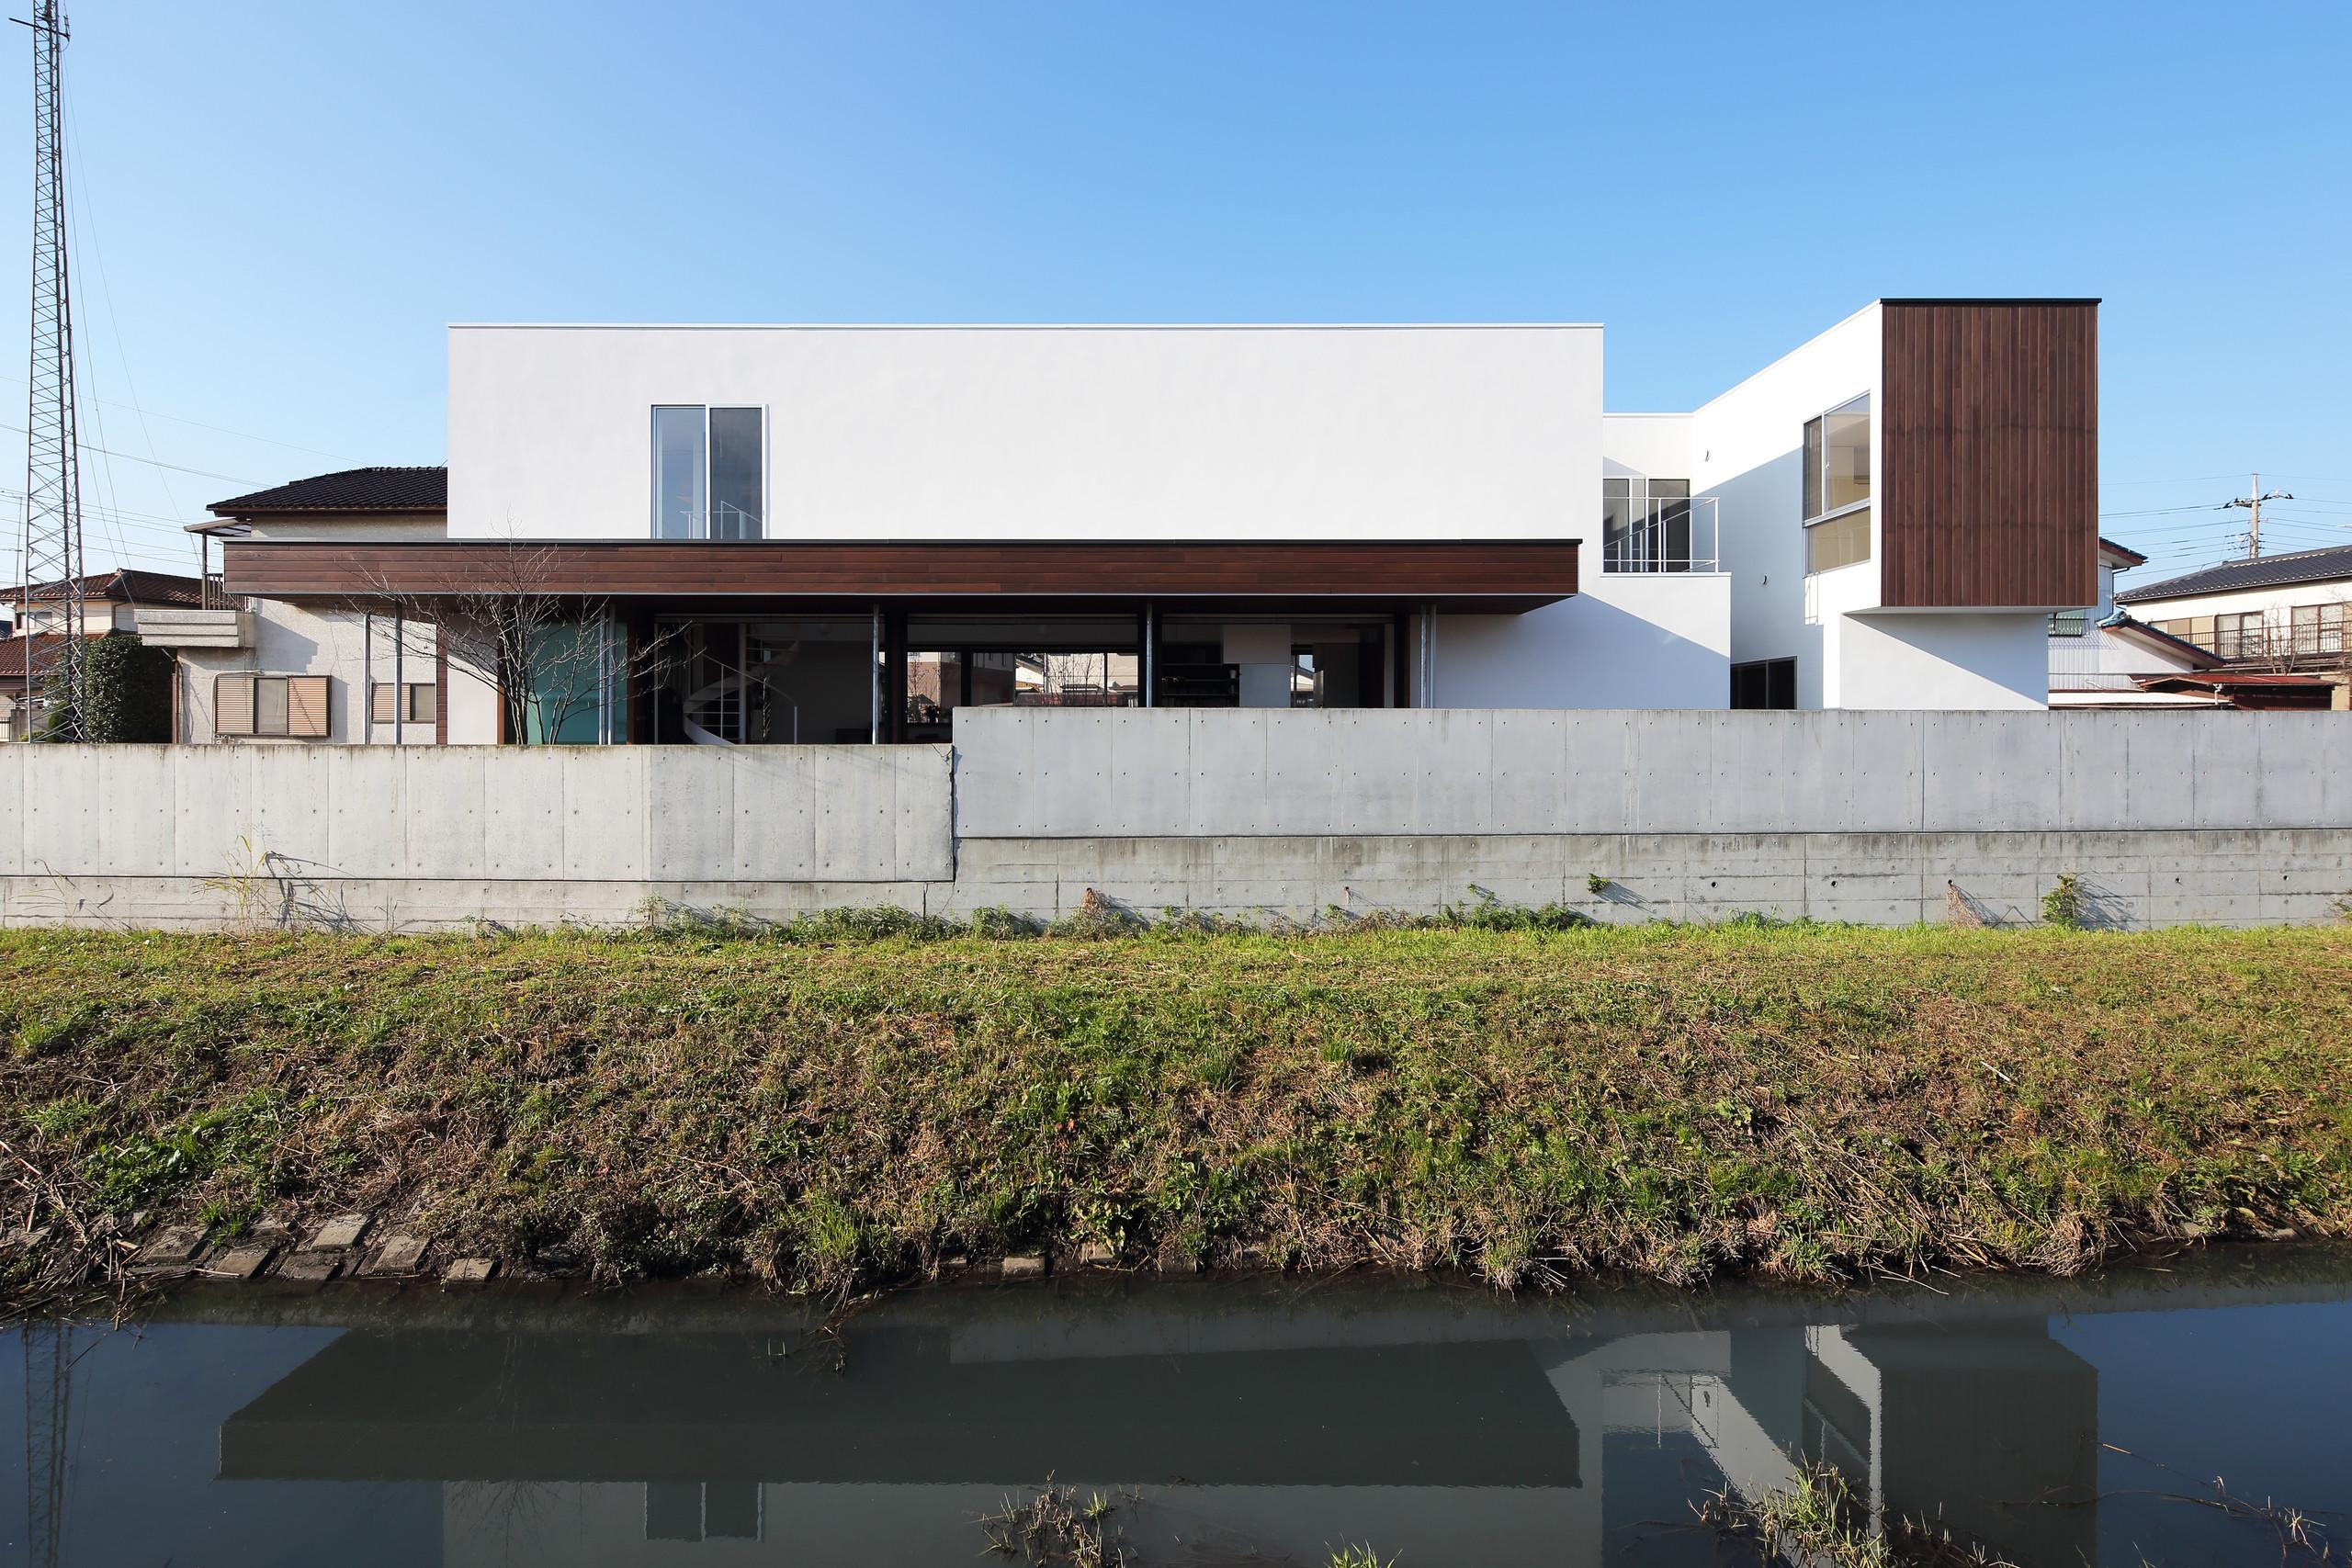 photo by Kai Nakamura   距離によって新たな身体的関係性をもたらす住居